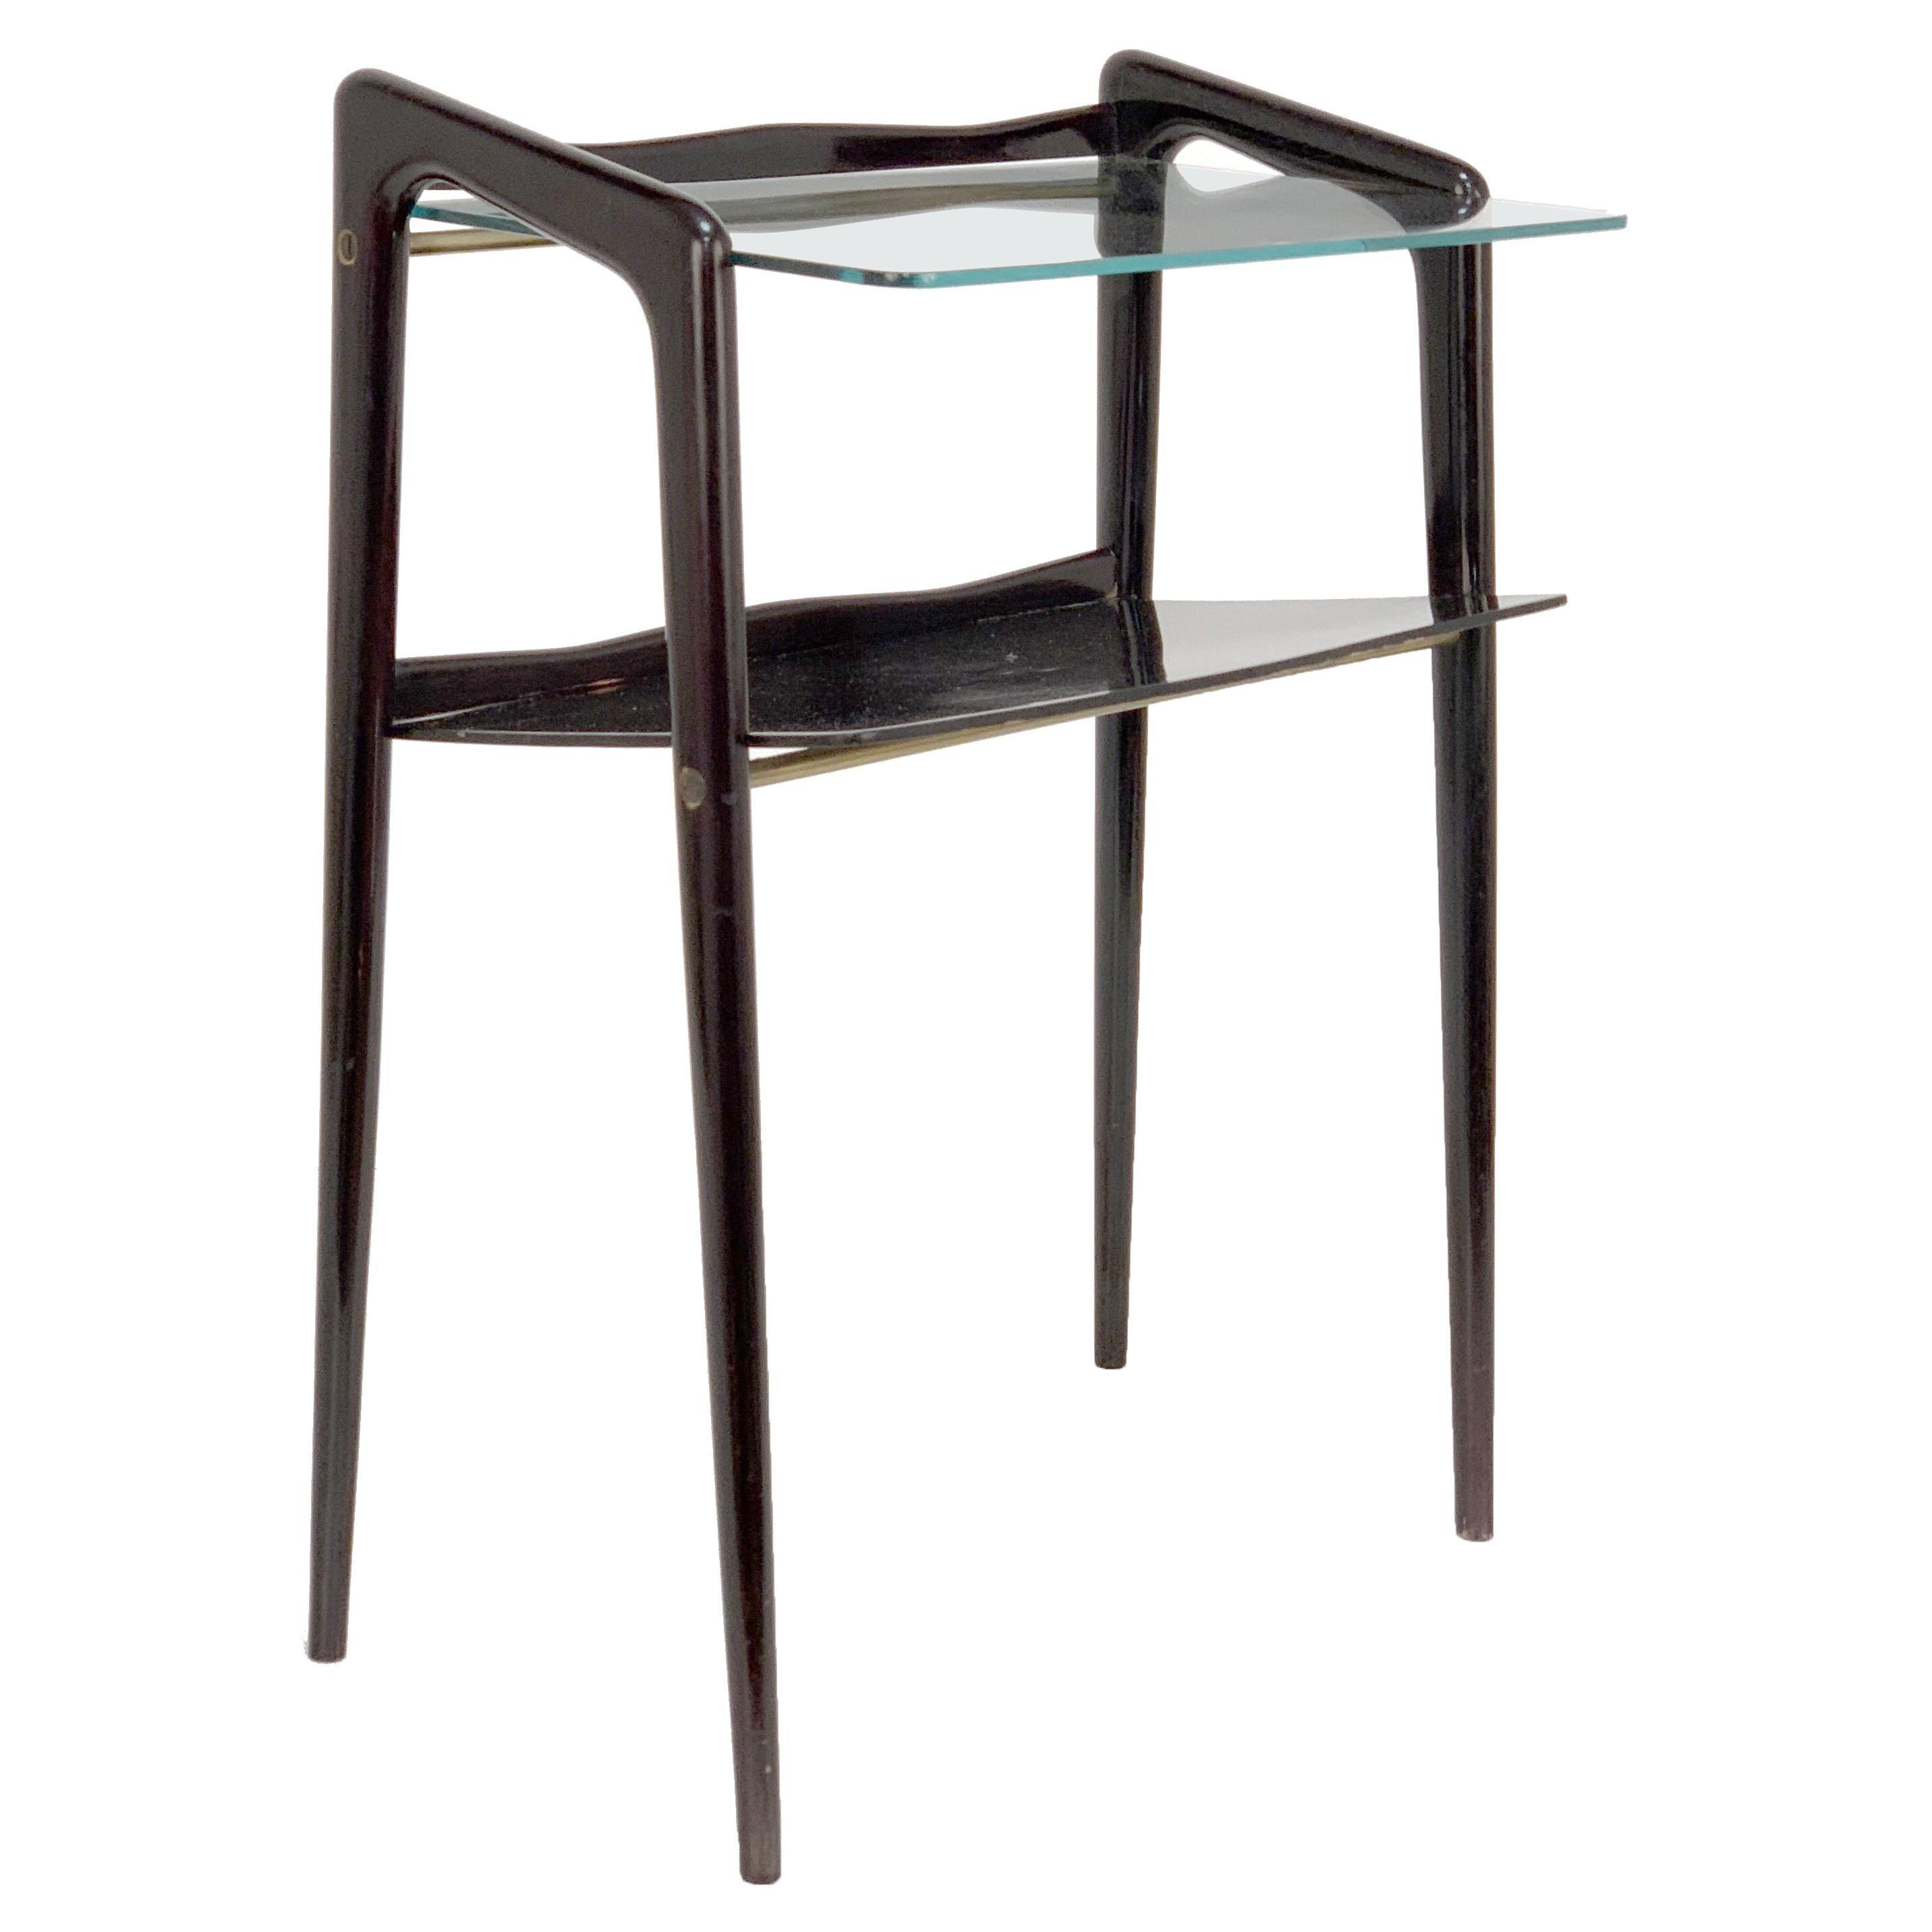 Ico Parisi Midcentury Ebonized Wood and Glass Italian Magazine Table, 1940s